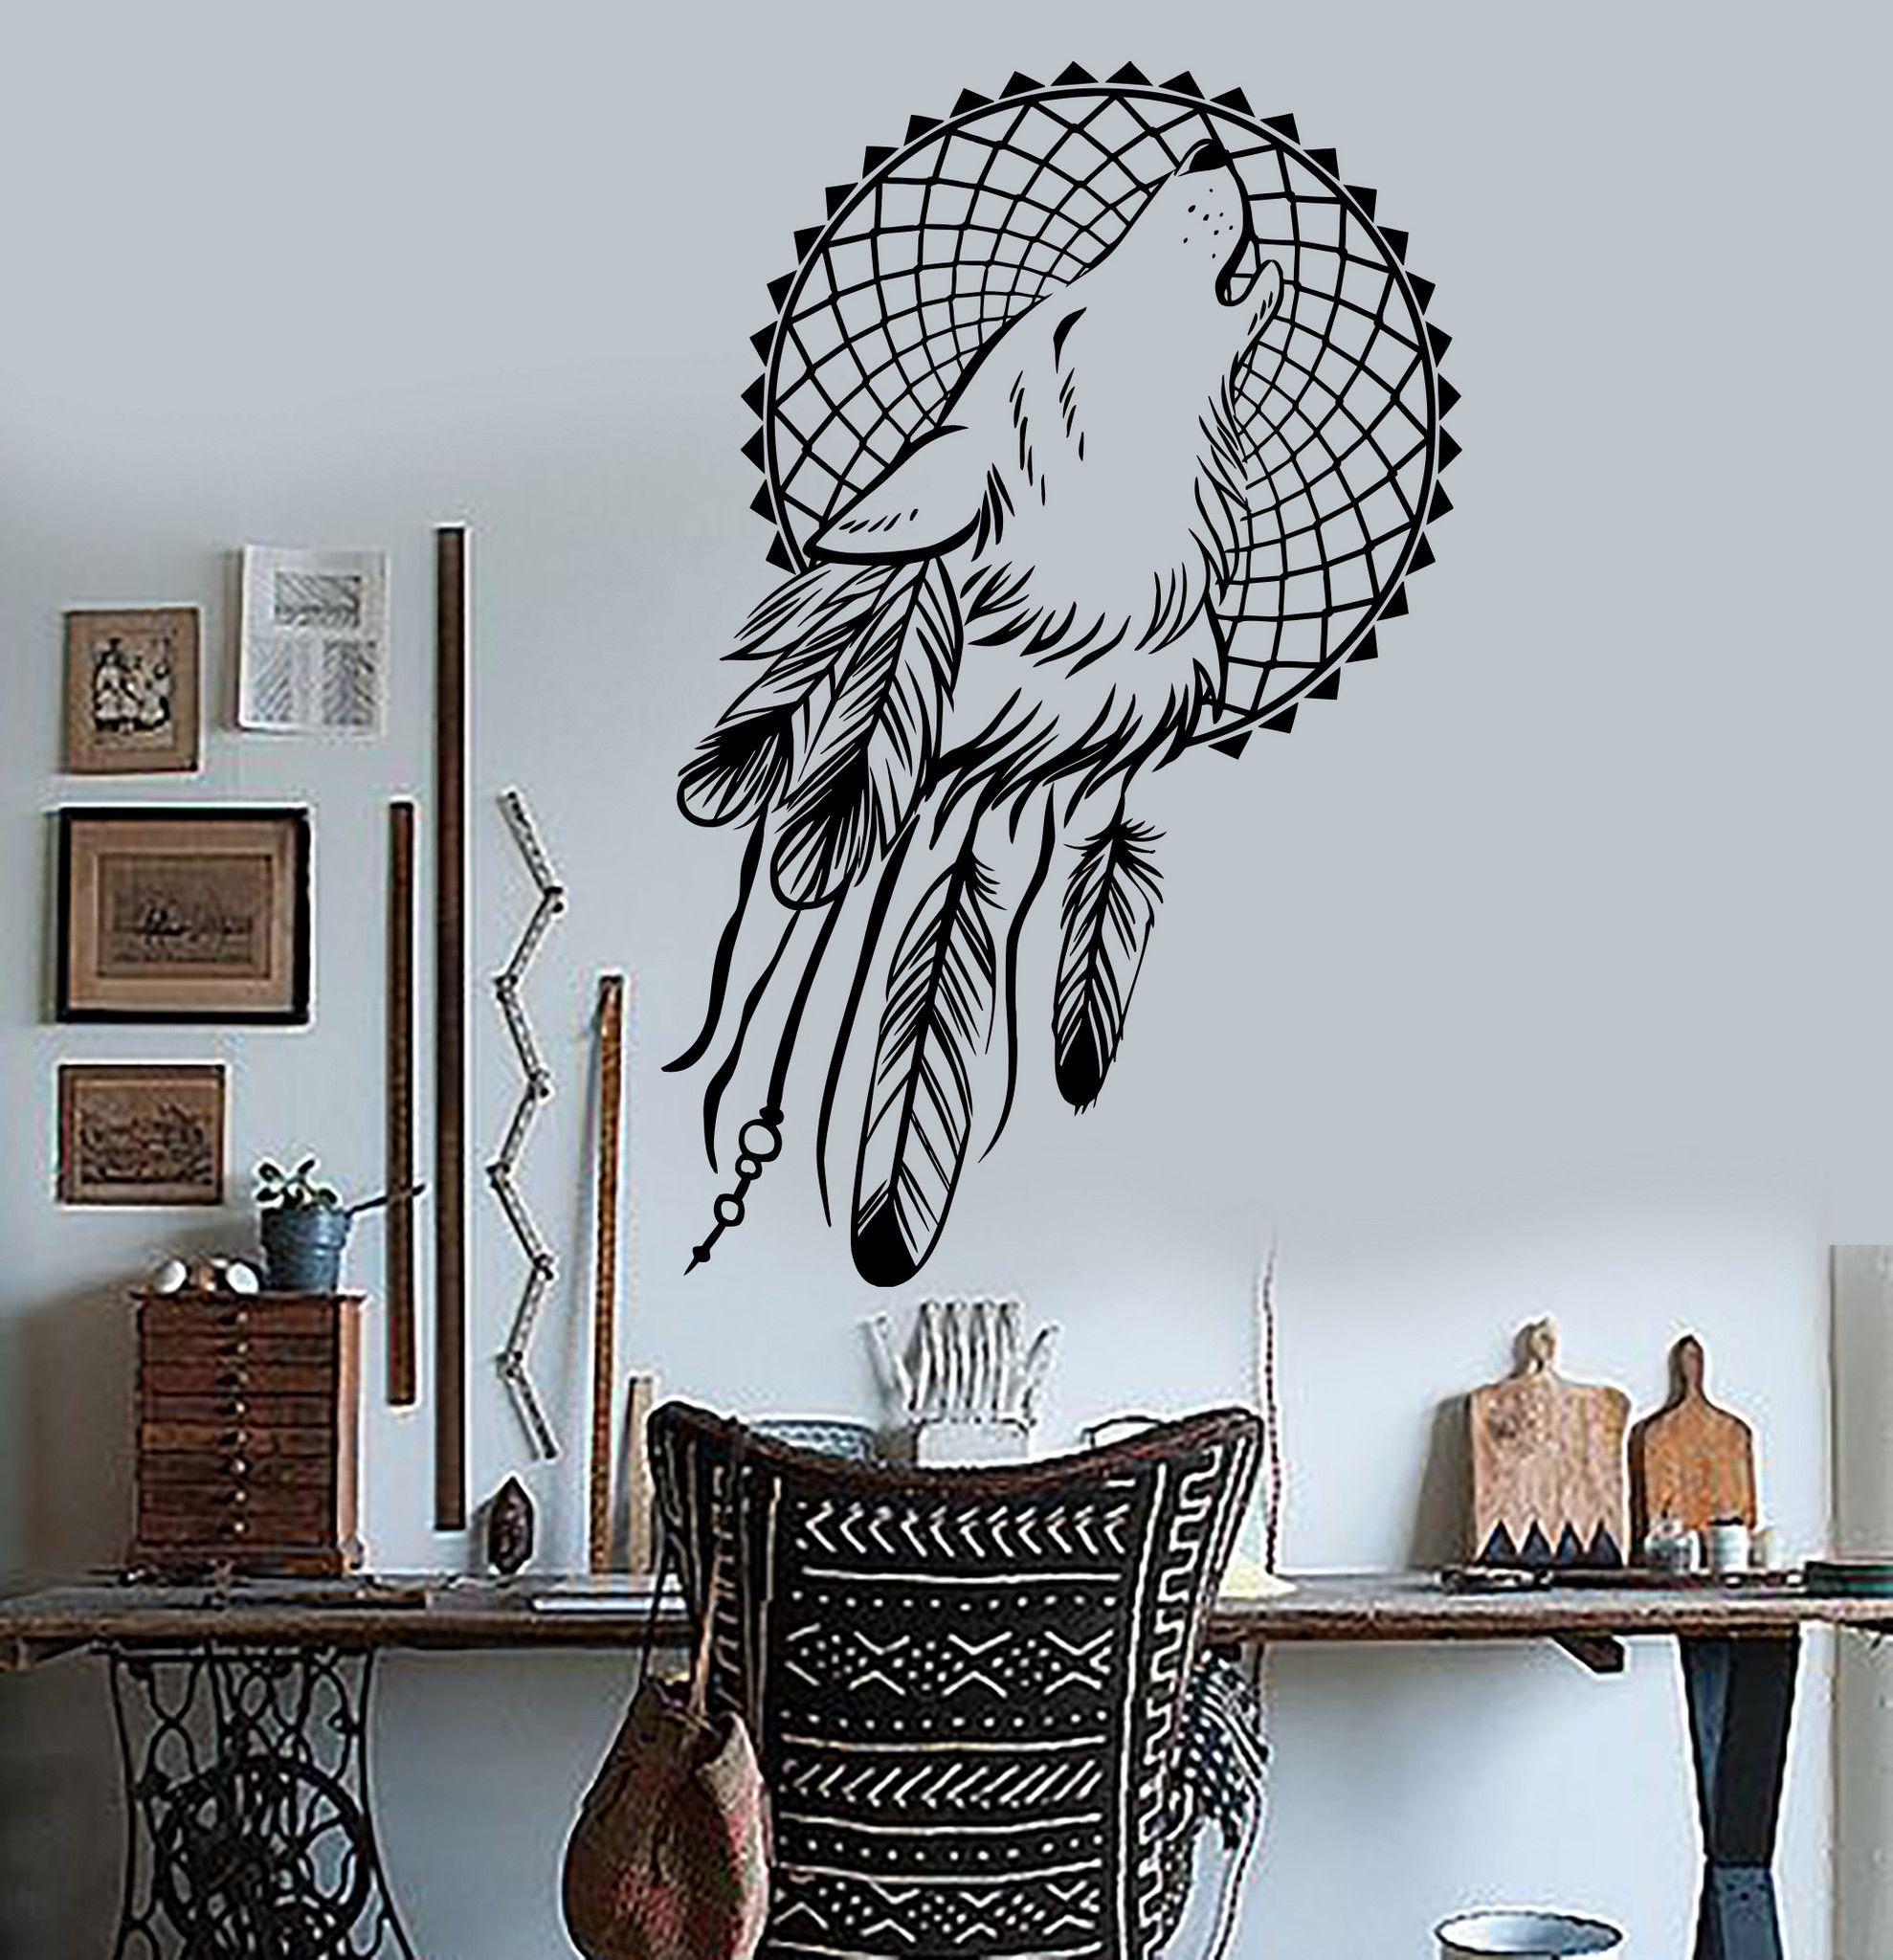 vinyl wall decals dream catcher wolf bedroom ethnic stickers unique gift ig3620